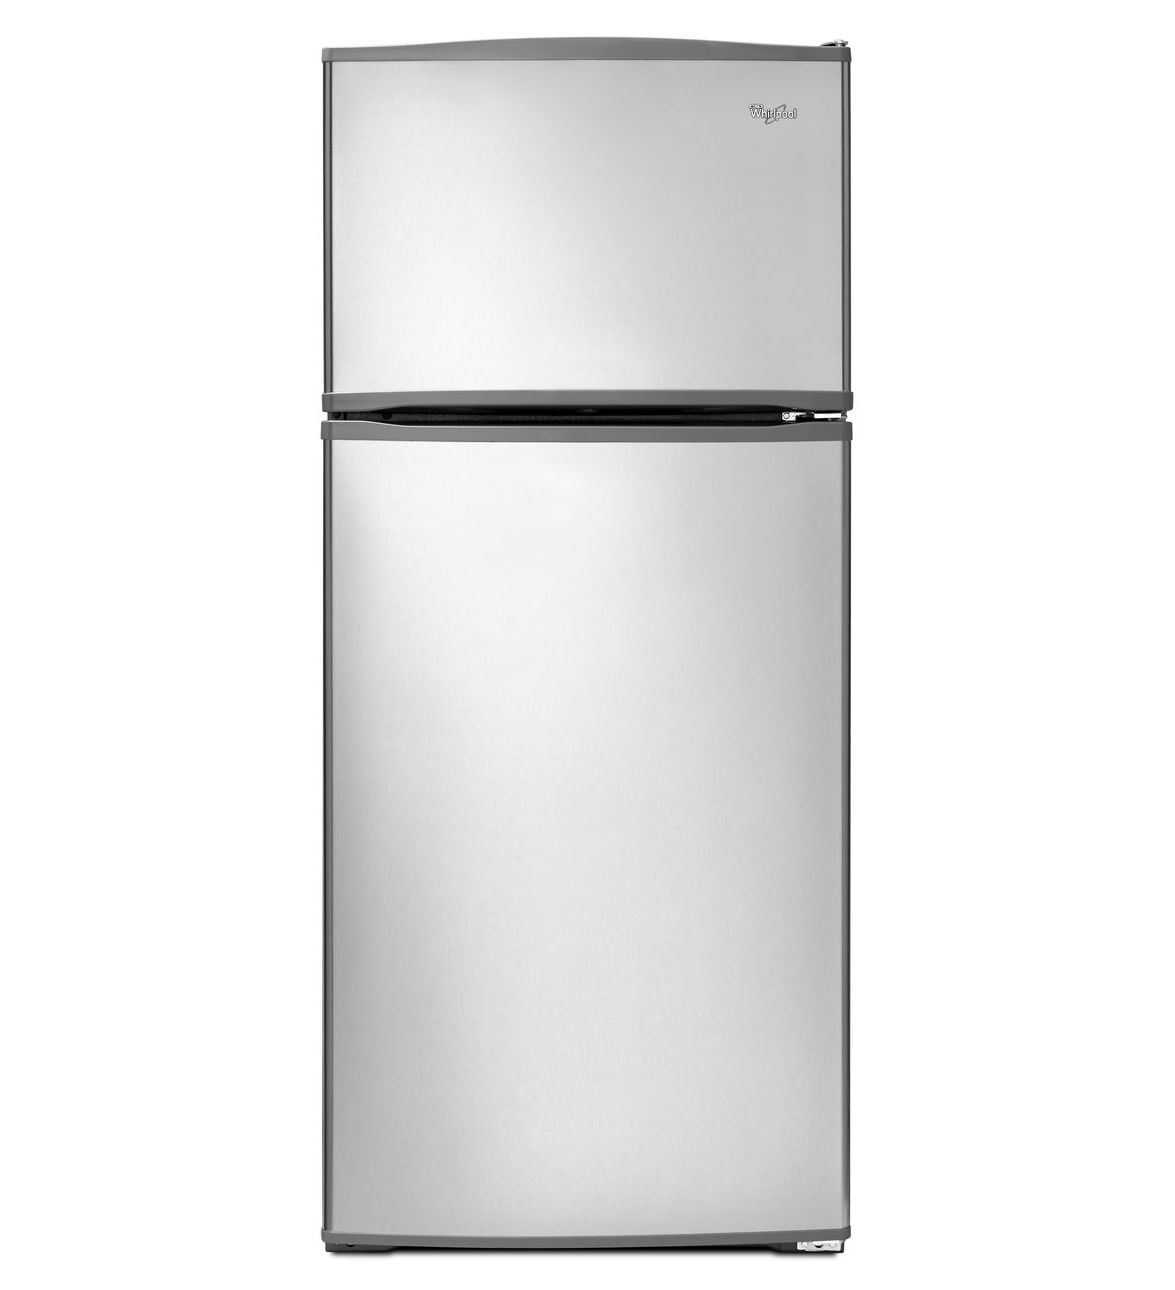 Réfrigérateur de 28 po à congélateur supérieur Whirlpool®, conception améliorée